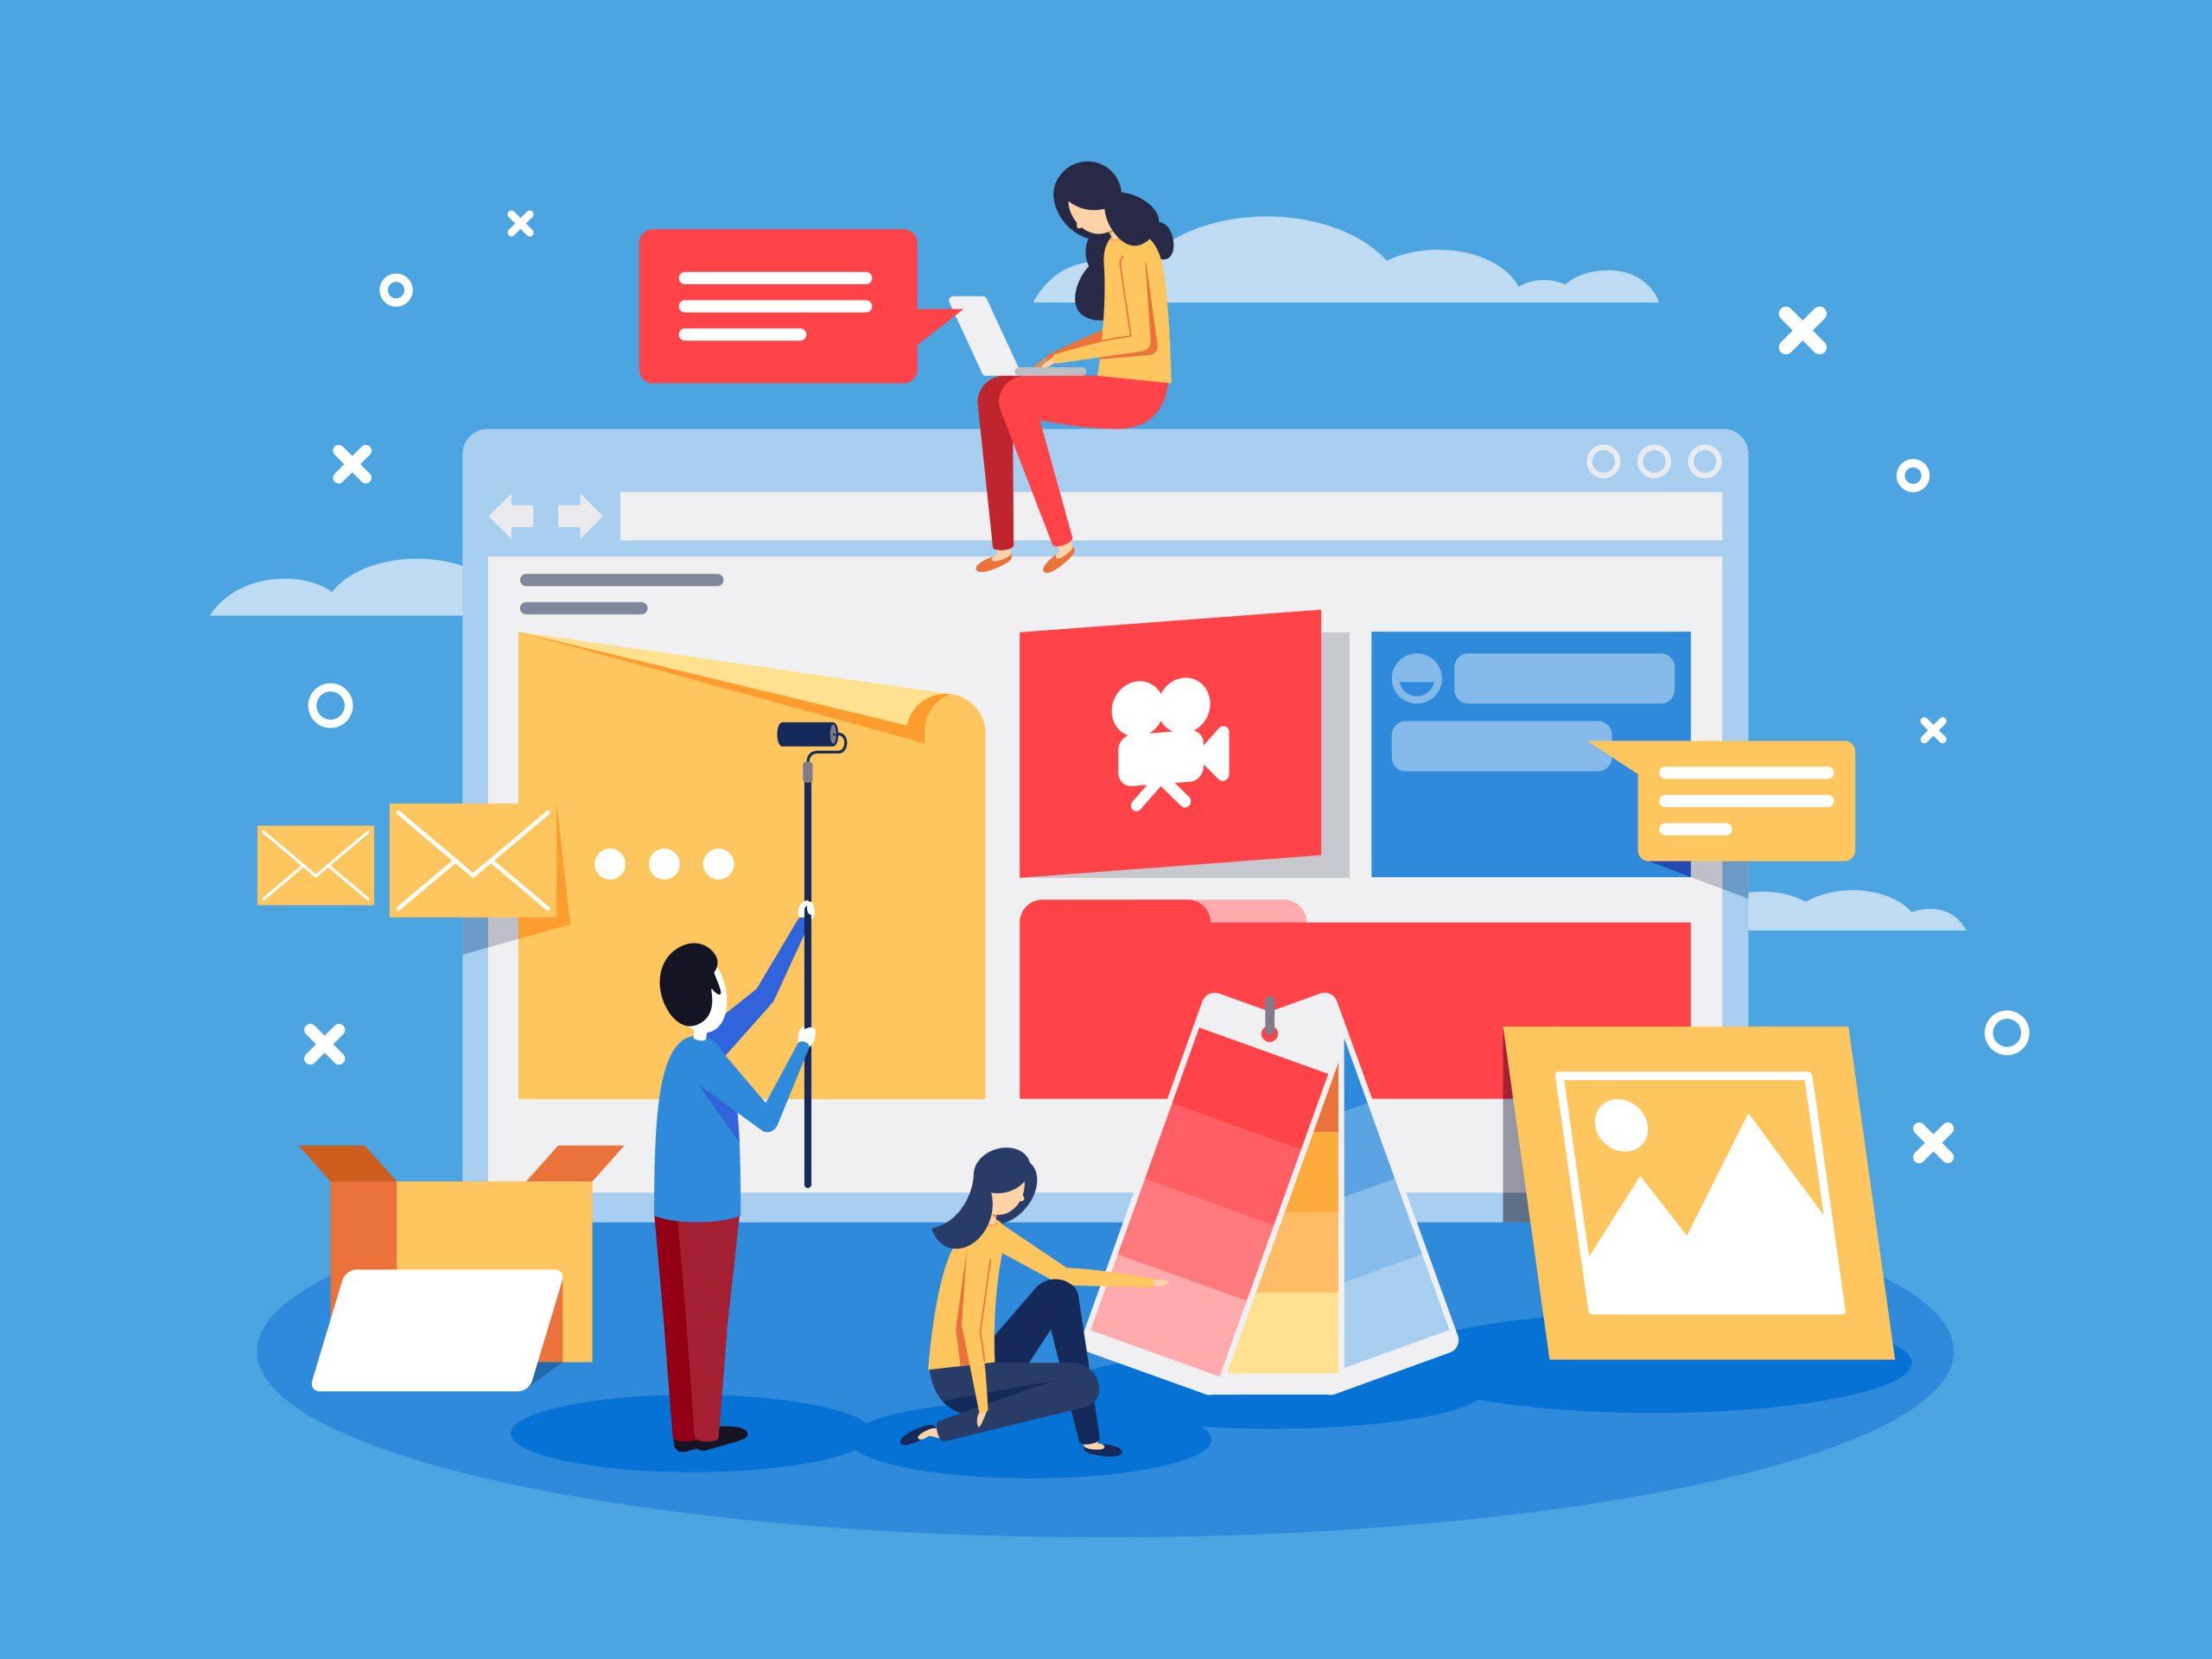 Entreprise avec réseau de distribution : comment bien gérer sa communication interne?